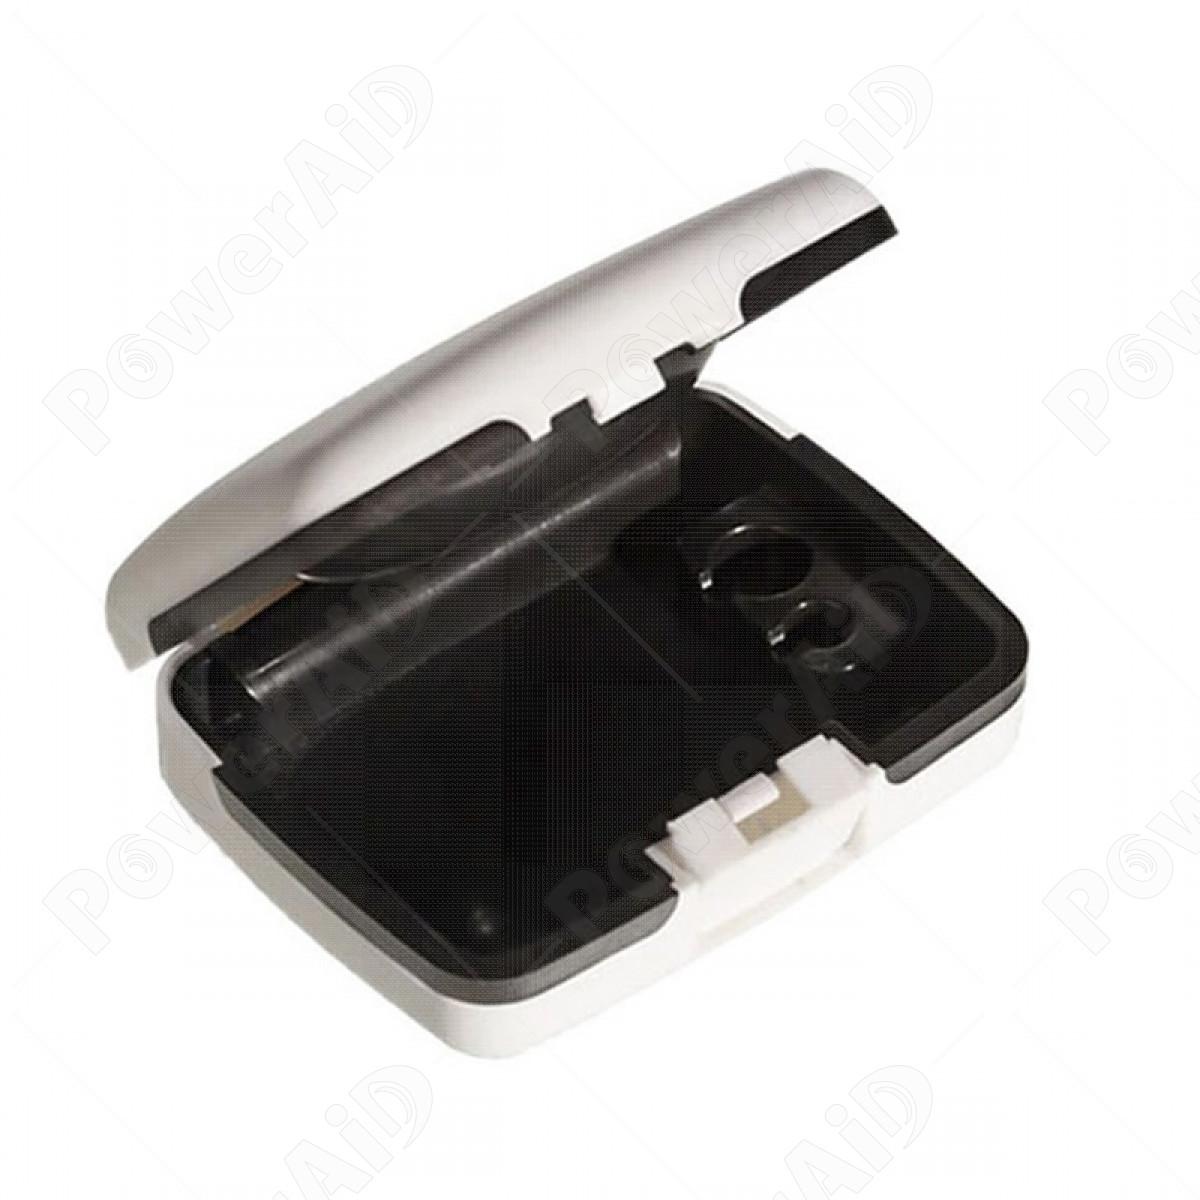 Soundlink - Custodia Large per apparecchi acustici